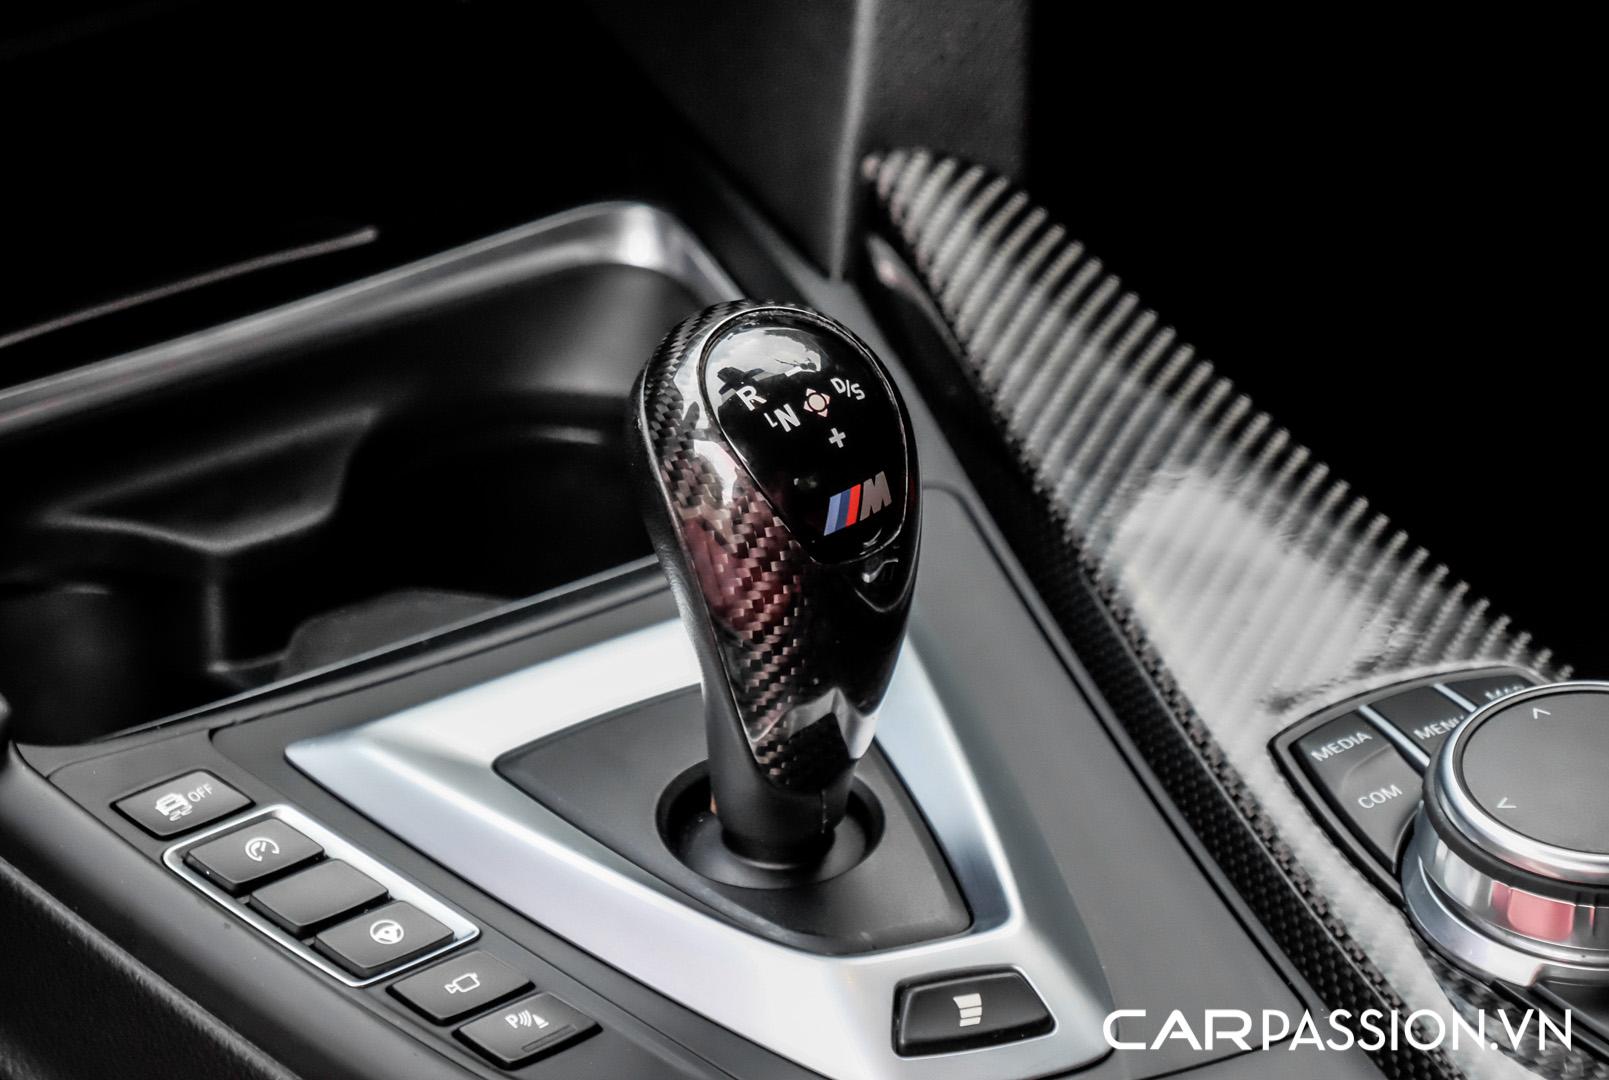 CP-BMW M4 F8 được rao bán (49).jpg